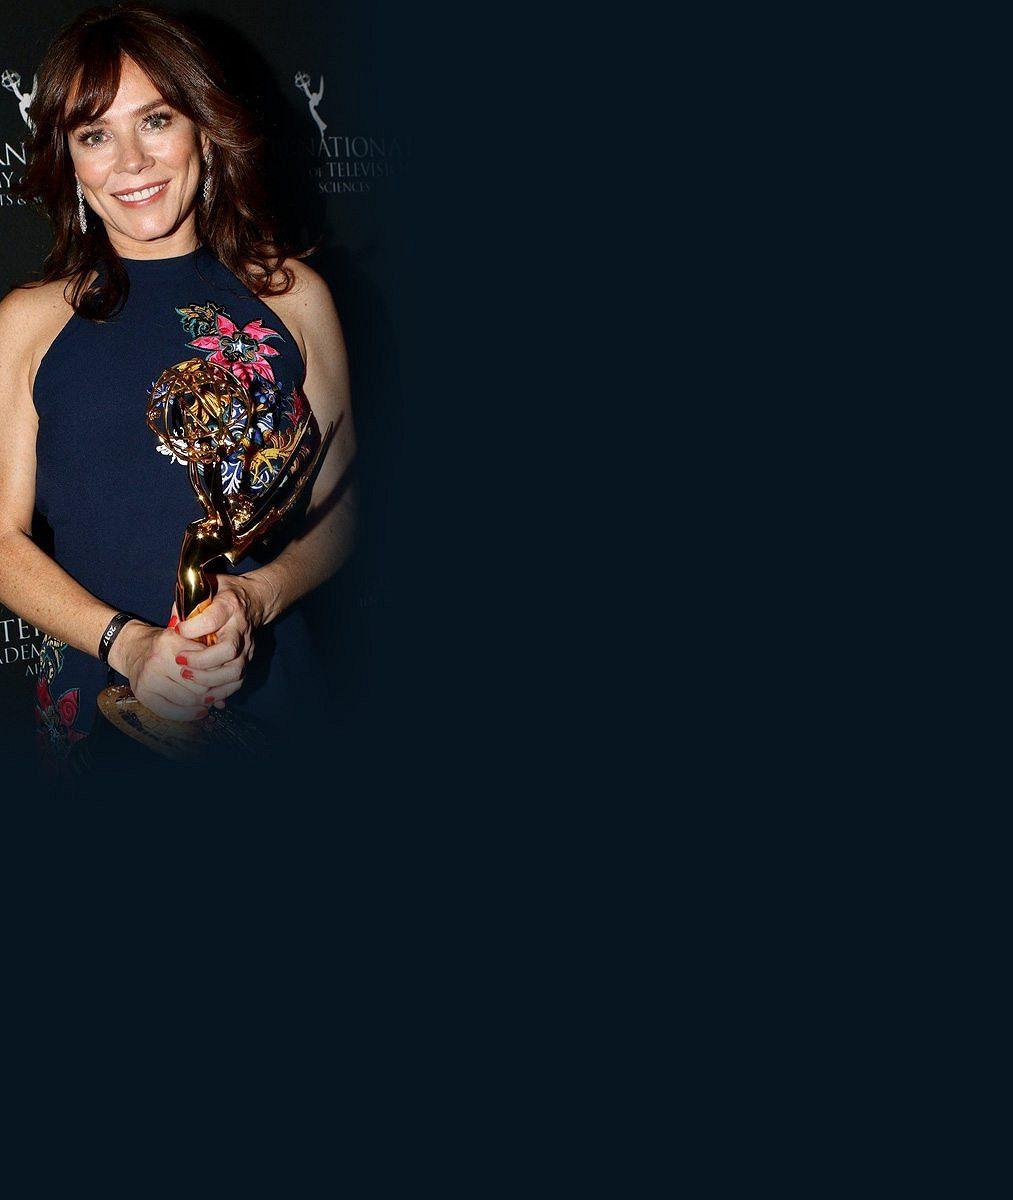 O Českého lva slavnou herečku připravila Bydžovská, teď v New Yorku obdržela prestižní cenu Emmy